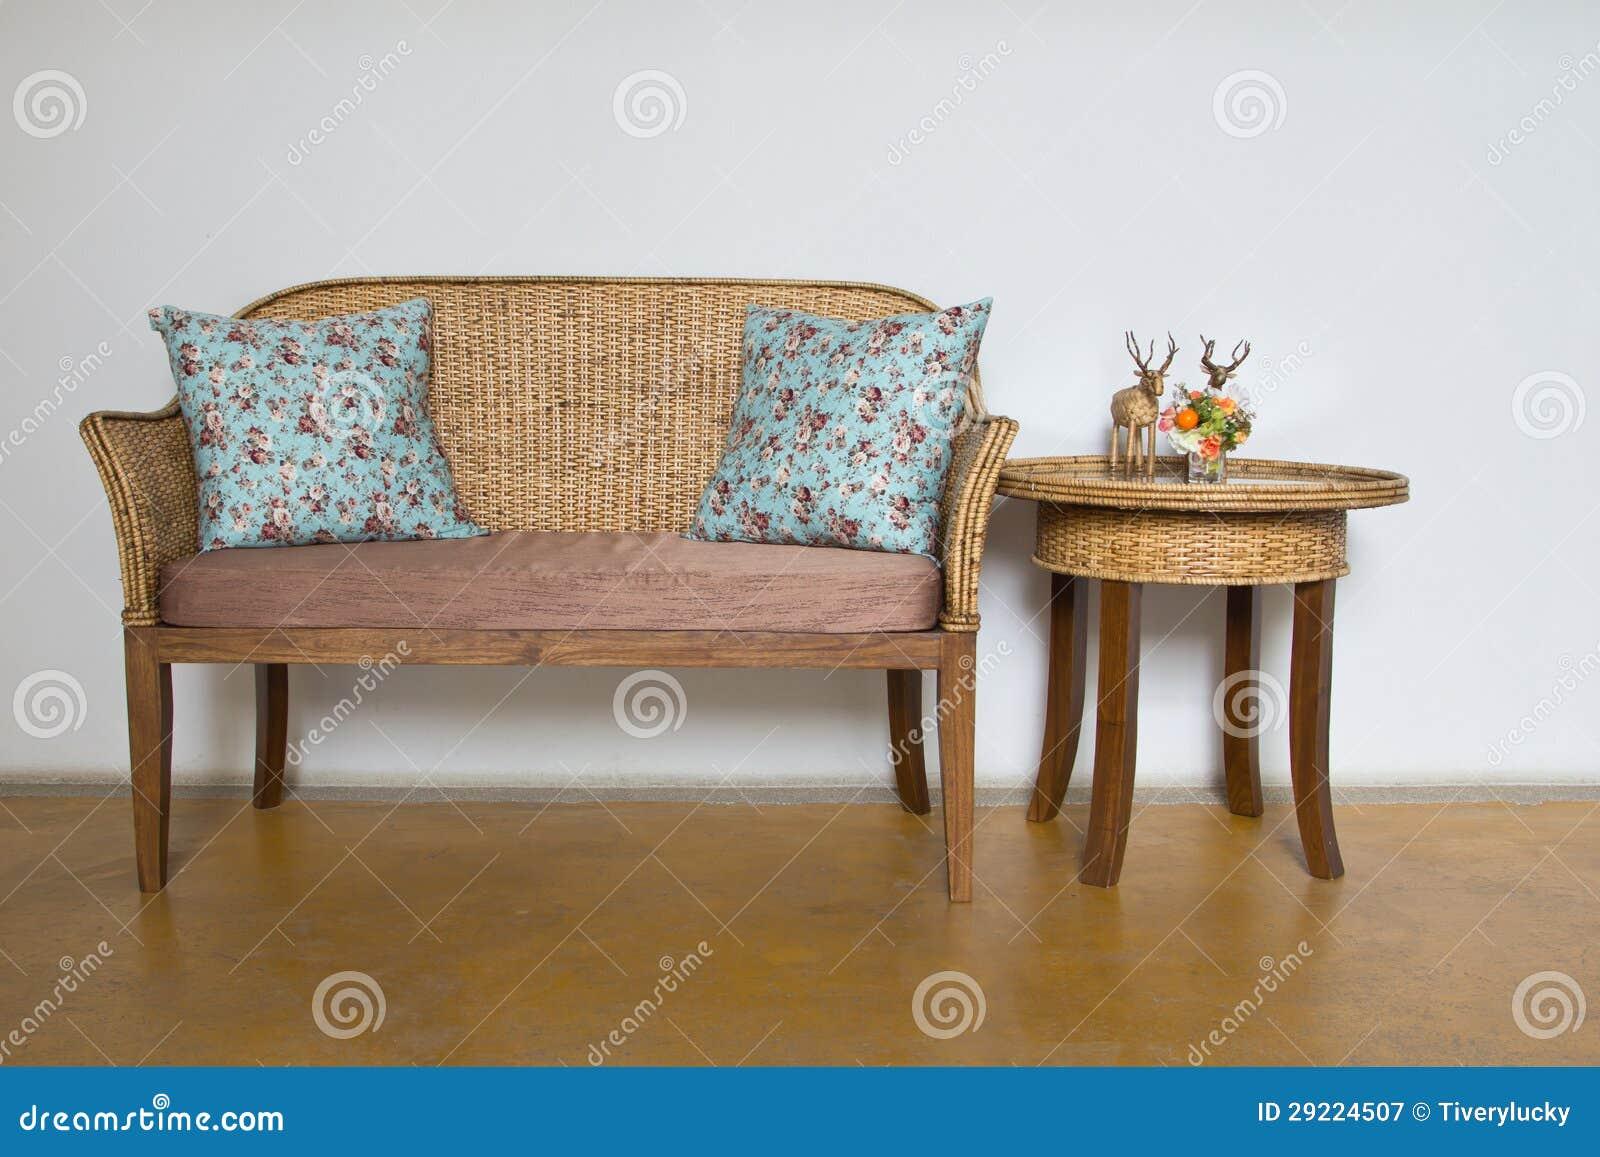 Muebles Mimbre Bao Free Mueble De Bao De Forja With Tiendas De  # Muebles Mimbre Baratos